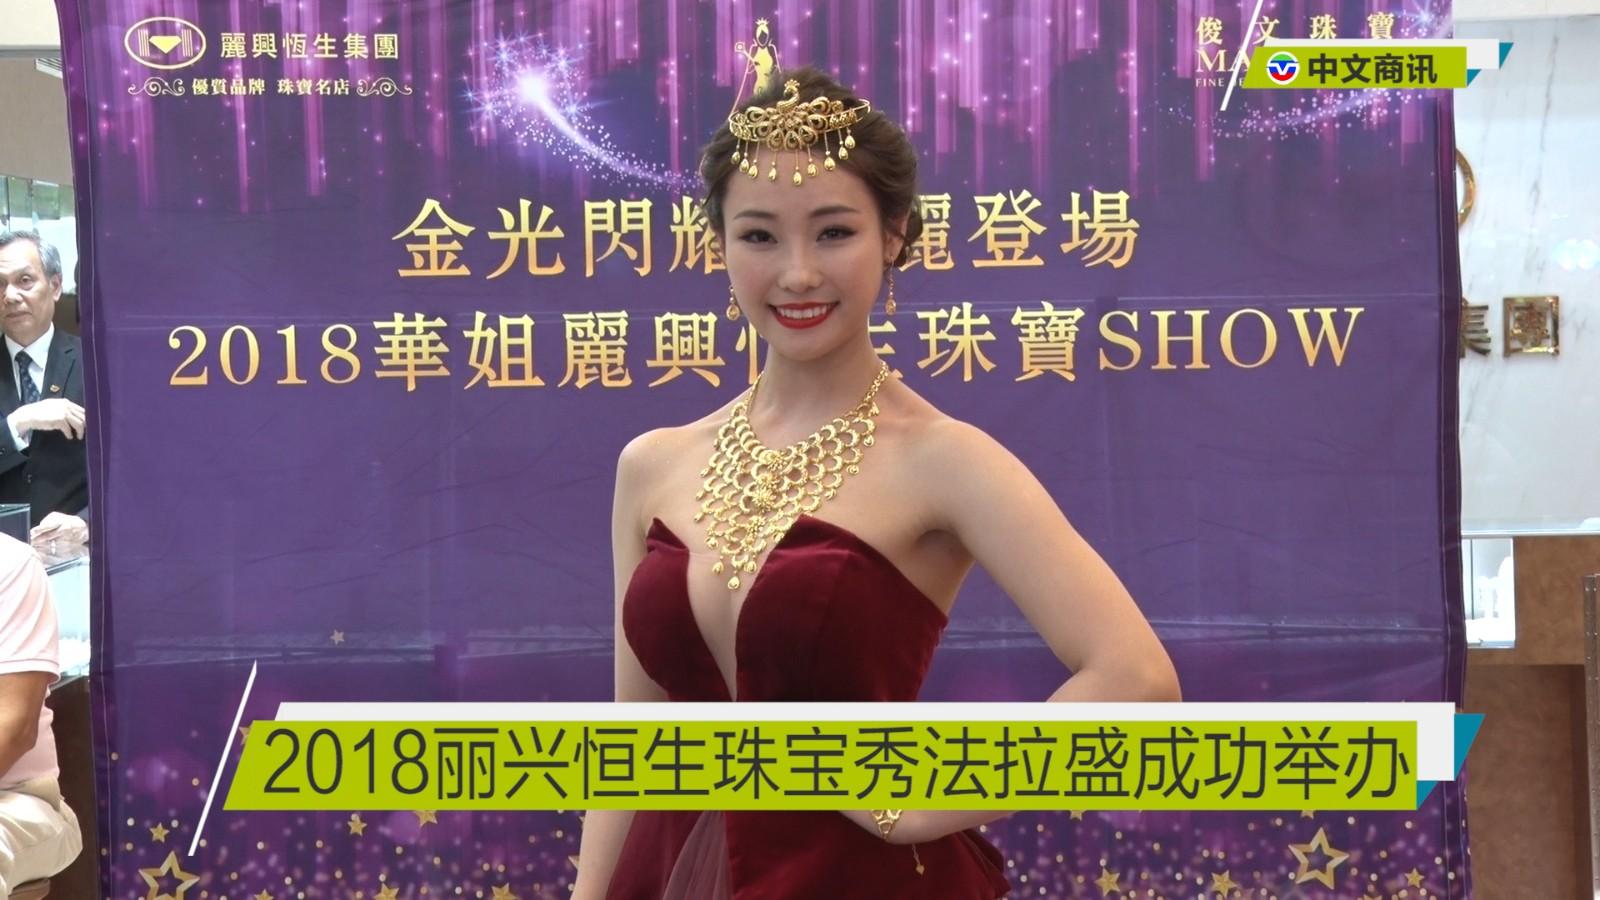 【视频】2018丽兴恒生珠宝秀法拉盛成功举办